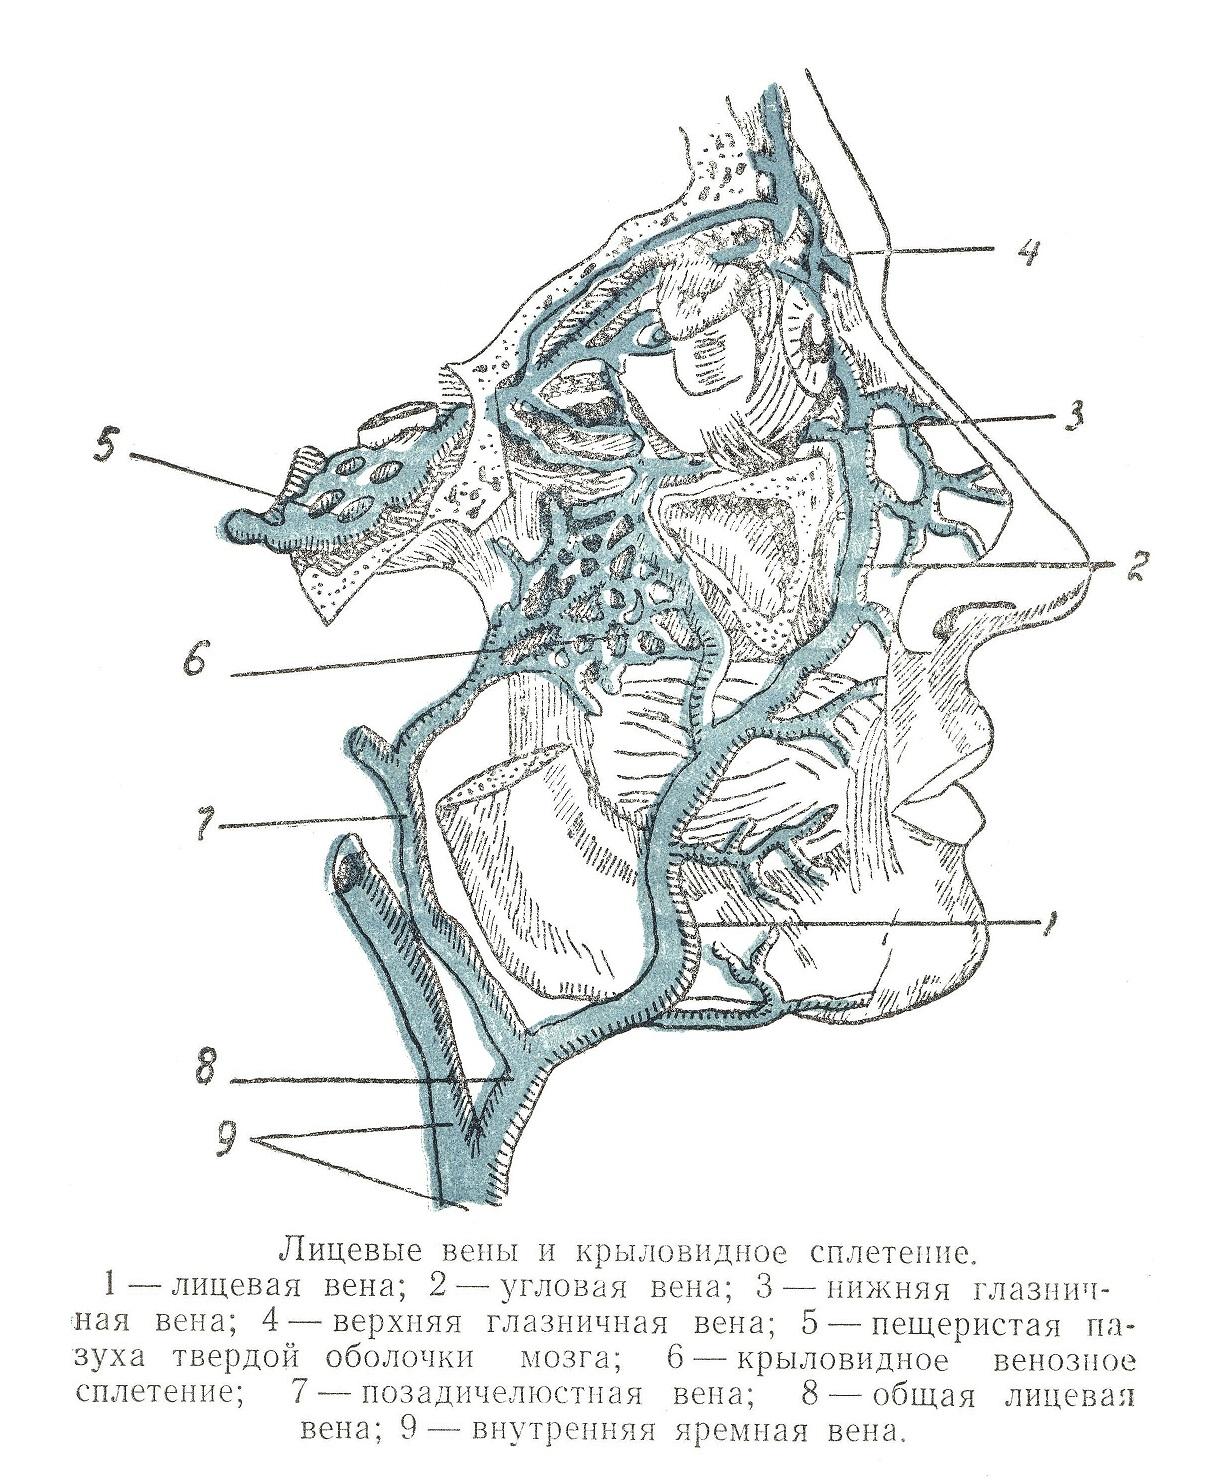 Лицевые вены и крыловидное сплетение